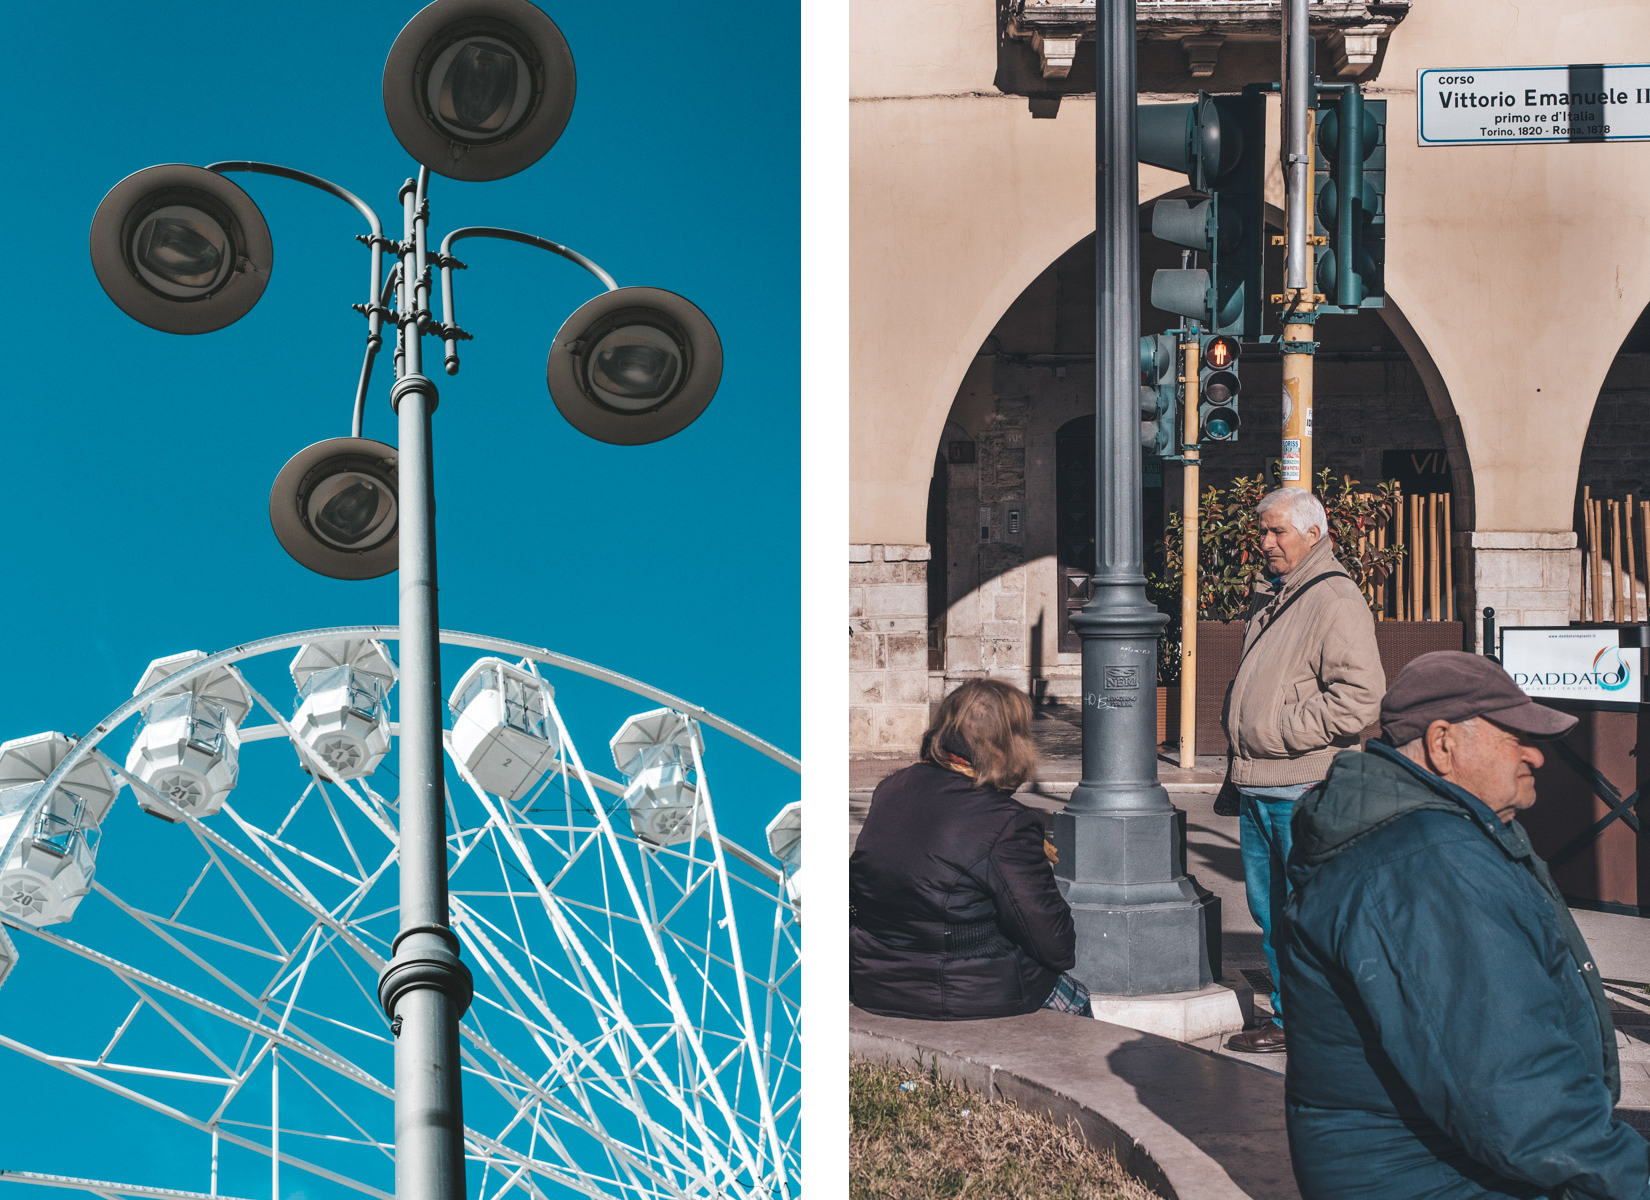 Ferris wheel and people in the street in Barletta, Apulia, ruota panoramica e persone in strada a Barletta, in Puglia